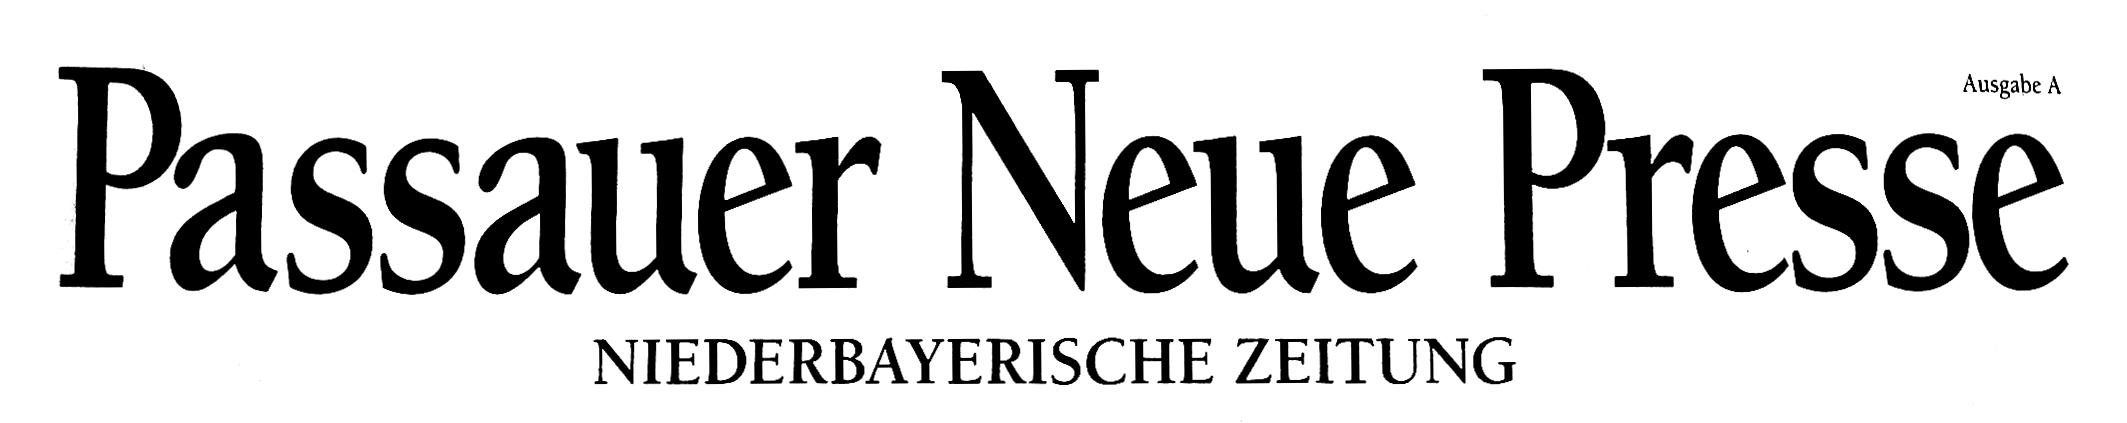 PassauerNeuePresse